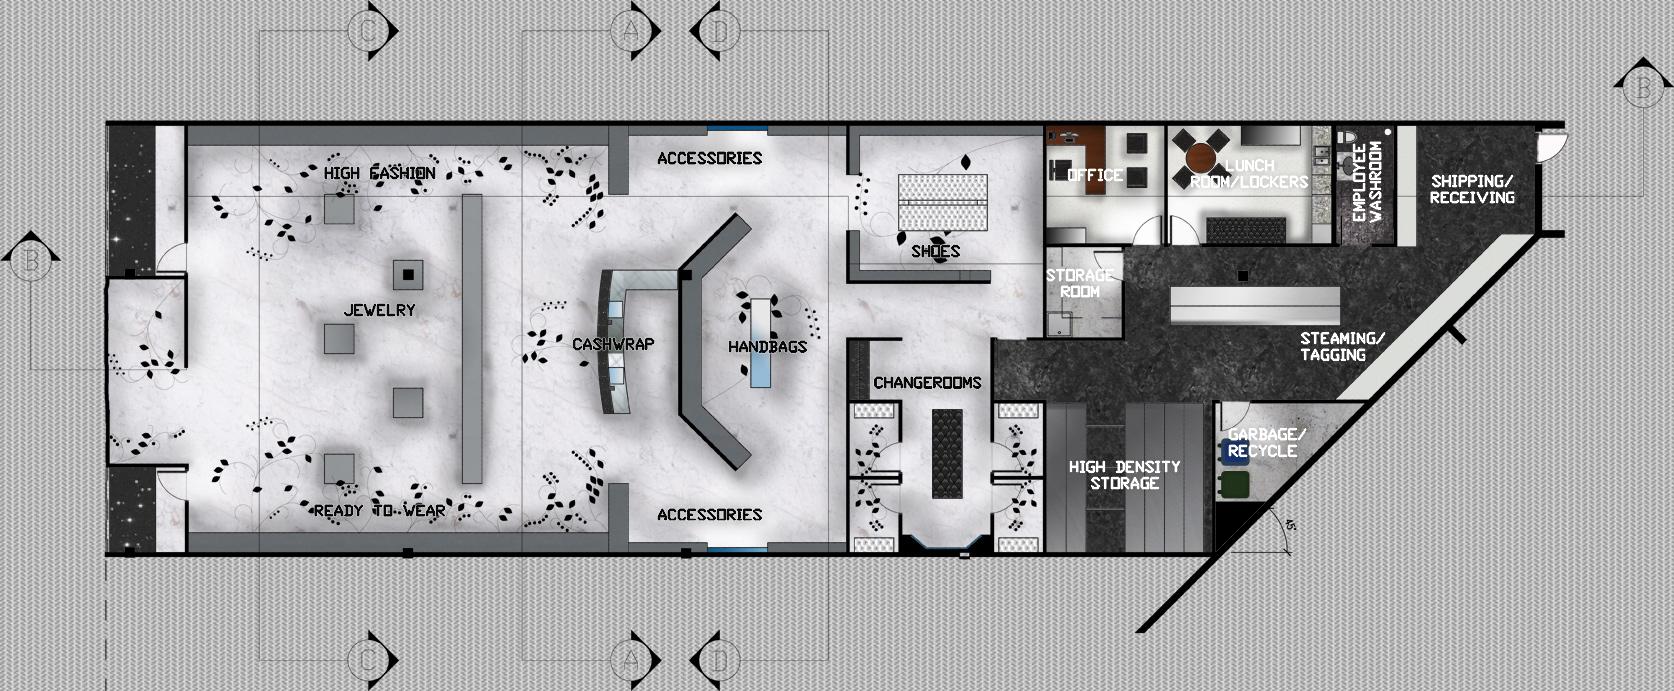 Restaurant floor plan in autocad joy studio design for Rendered floor plan